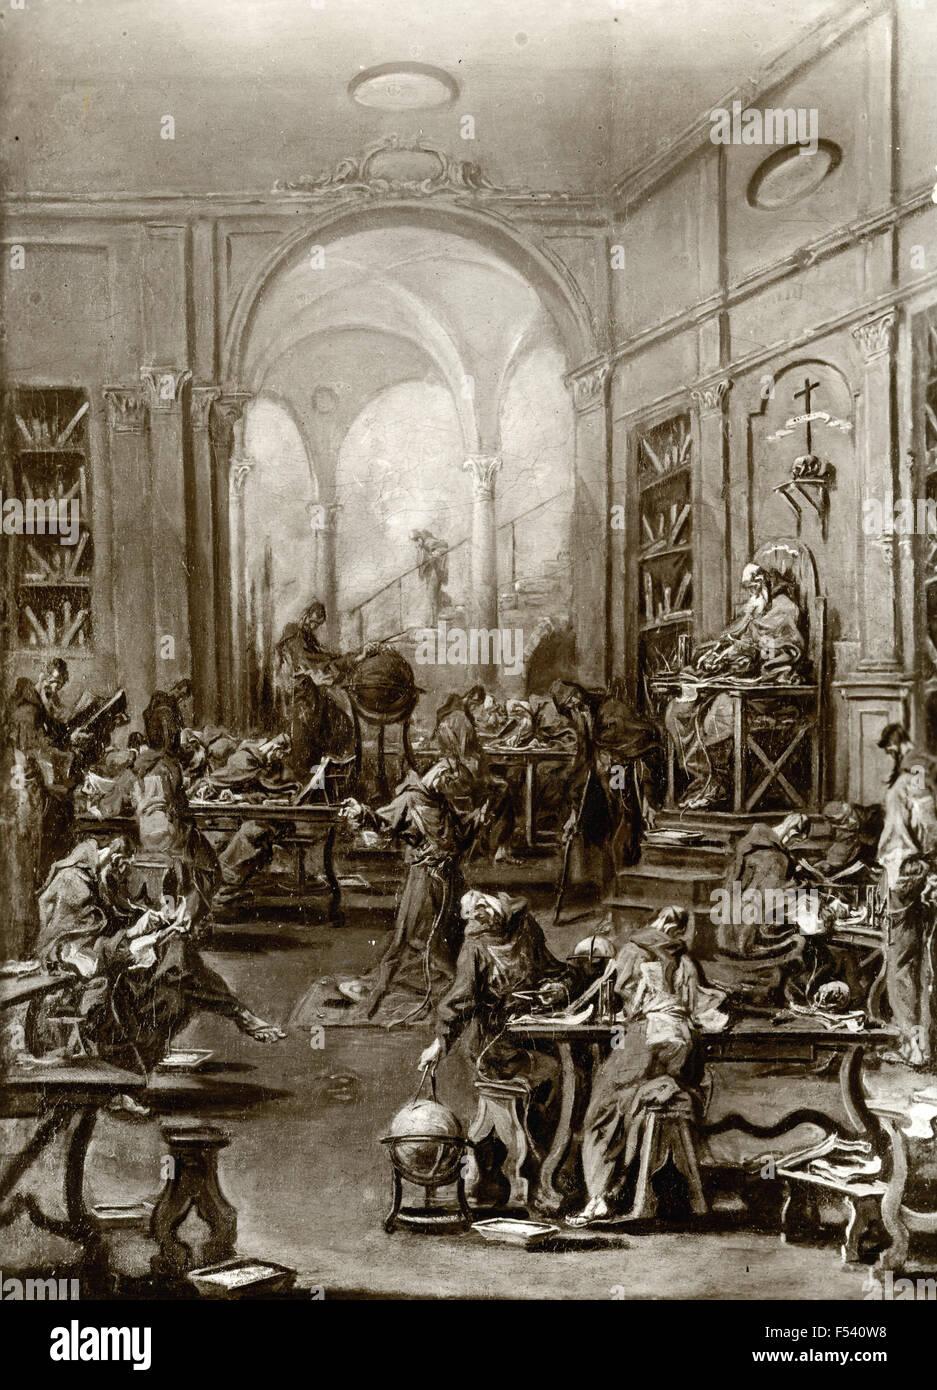 Malerei aus der Jesuitenschule, zweiten Hälfte des siebzehnten Jahrhunderts, venezianische Schule, Italien Stockbild